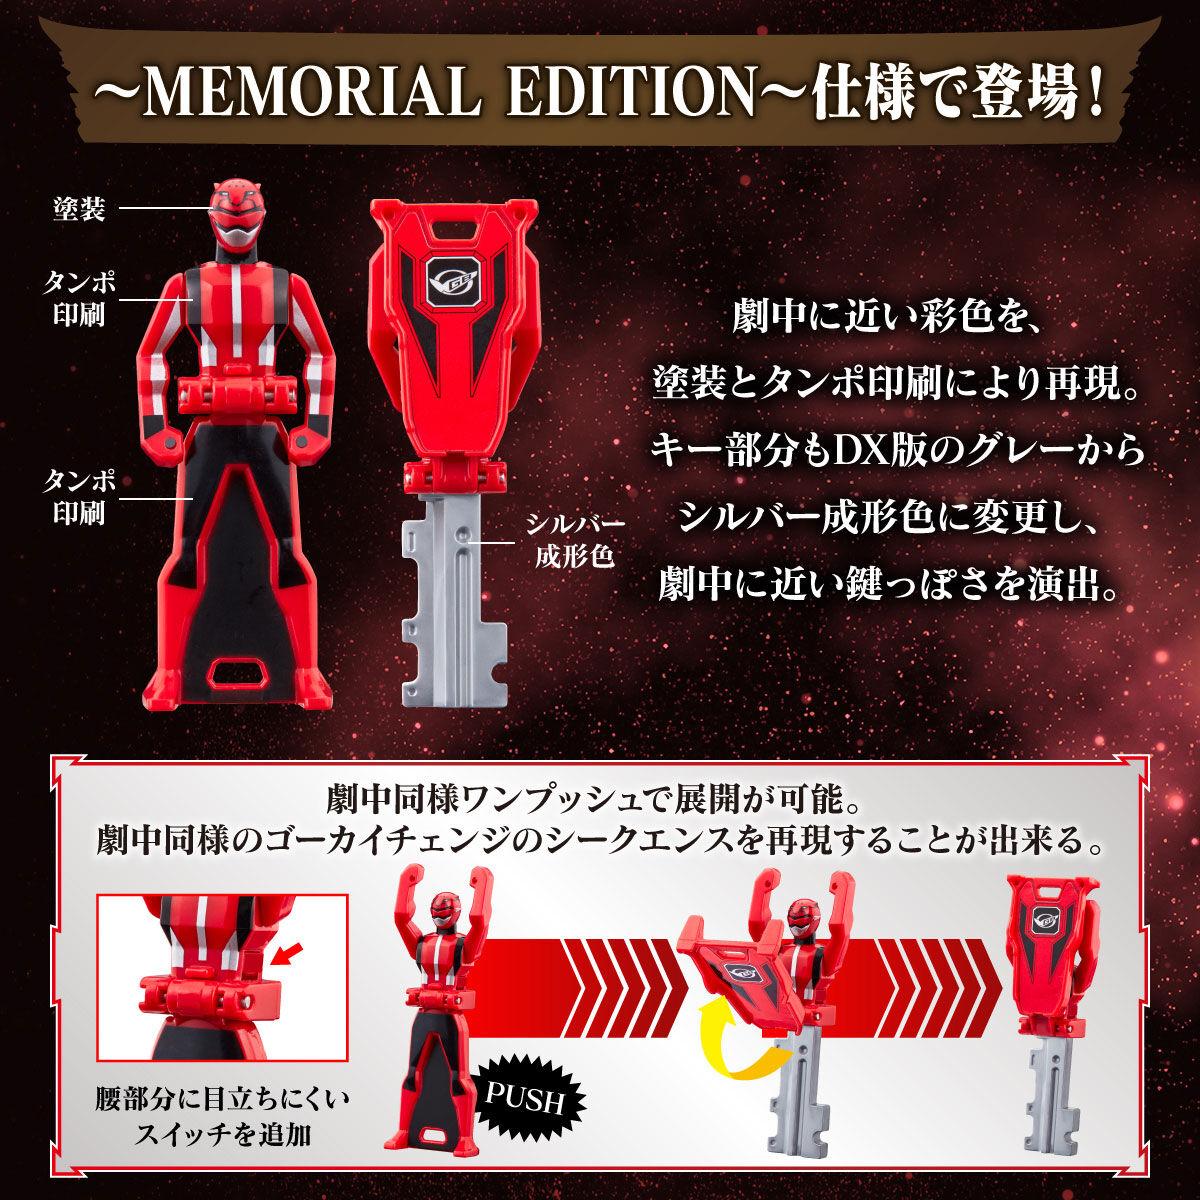 【限定販売】海賊戦隊ゴーカイジャー『レンジャーキー ~MEMORIAL EDITION~ After Gokai HERO セット』変身なりきり-003